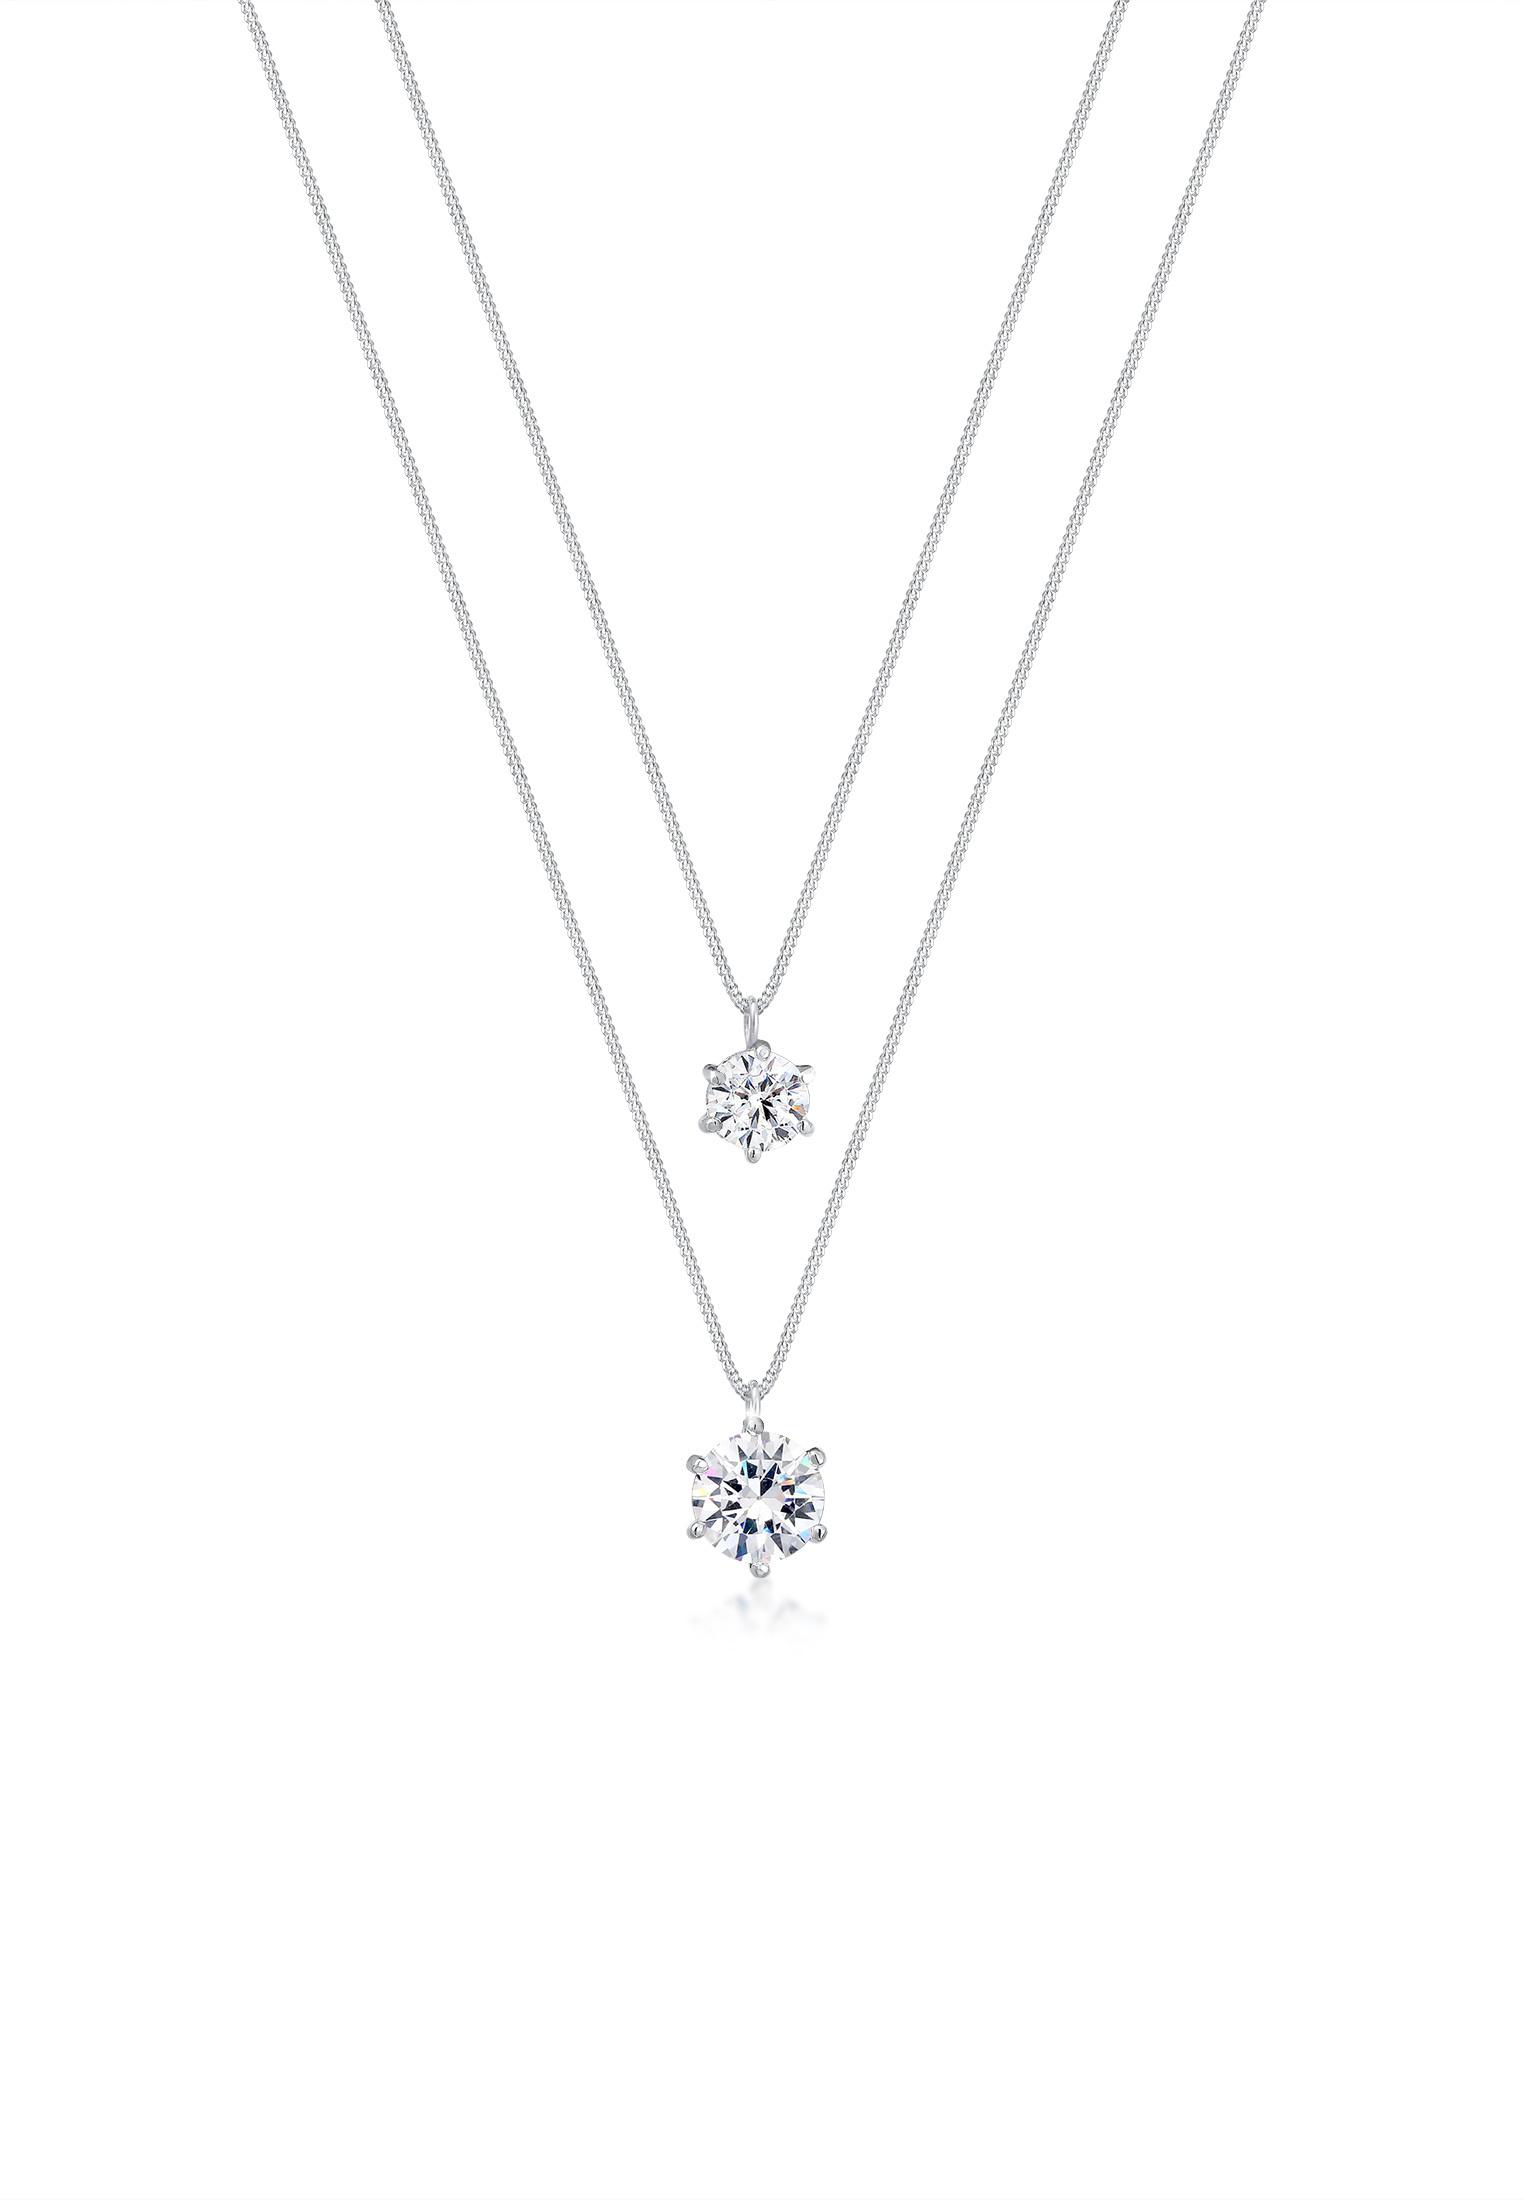 Layer-Halskette | Kristall ( Weiß ) | 925er Sterling Silber